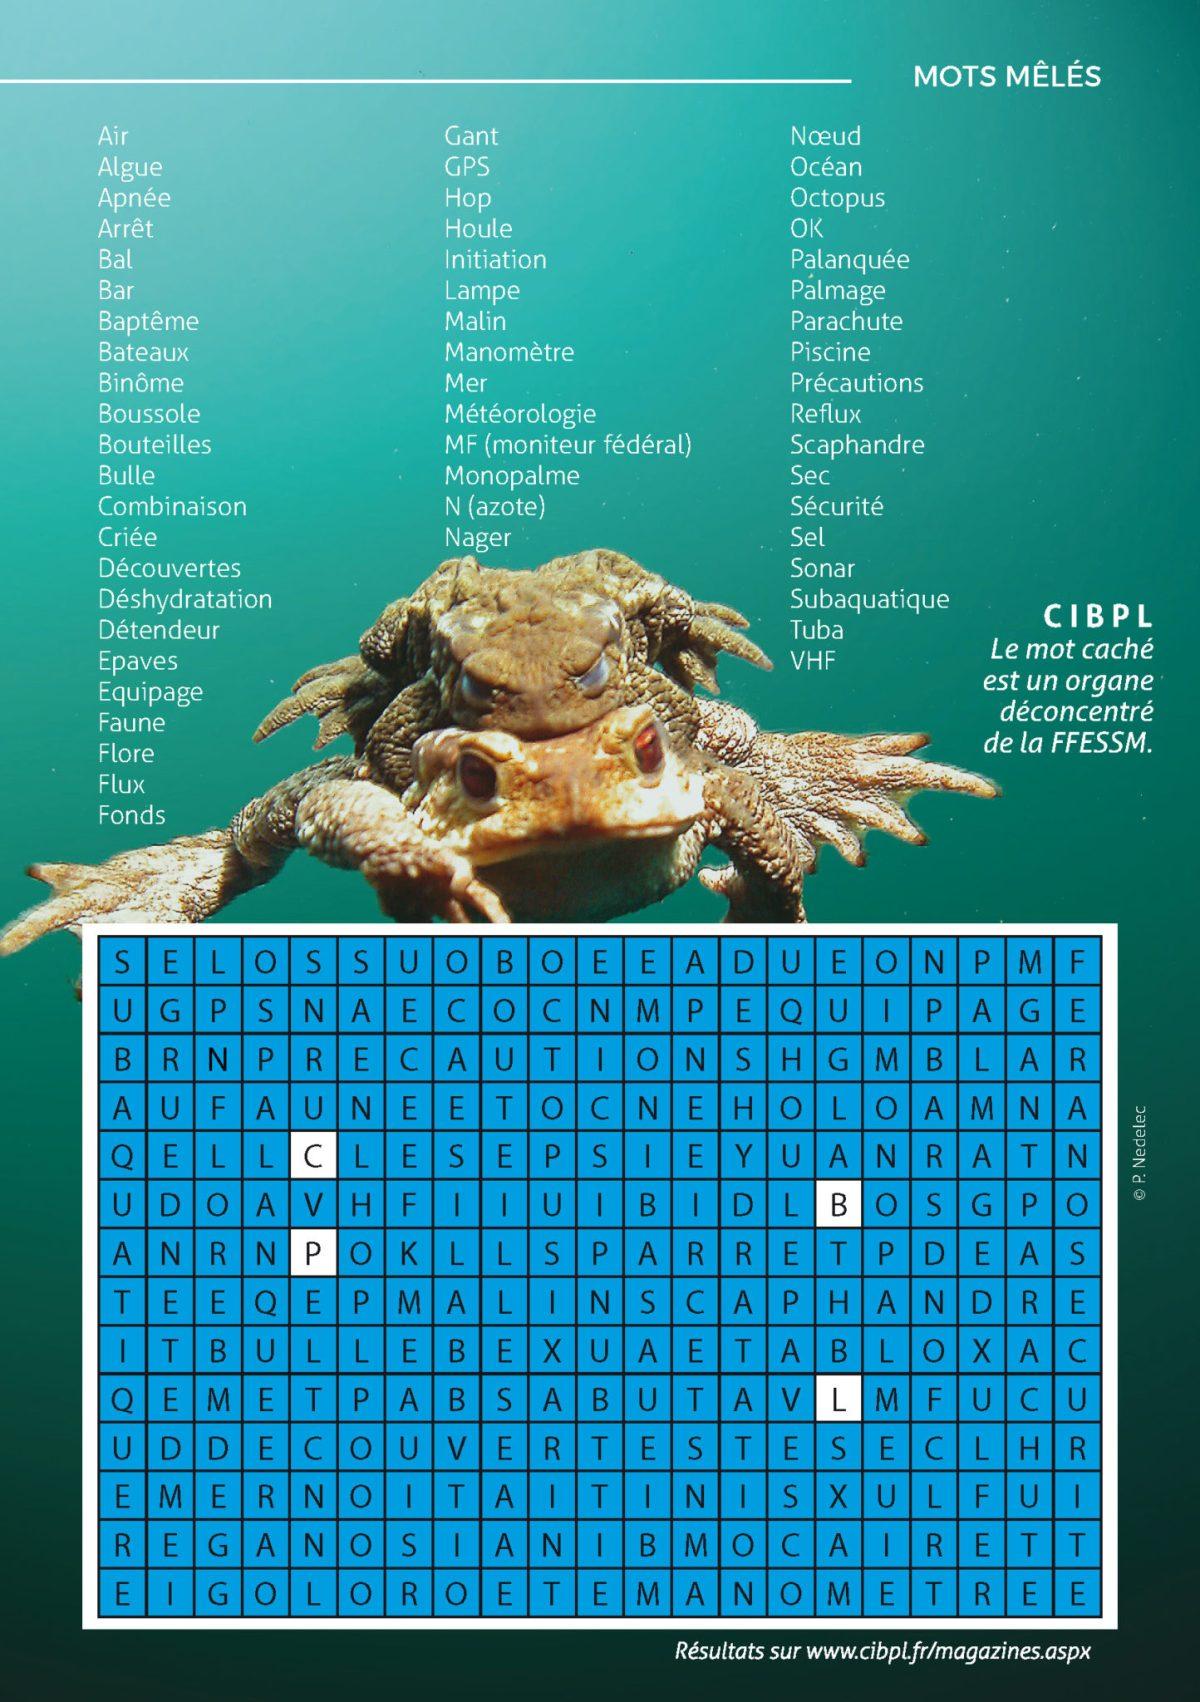 Magazine A l'eau 2 : les résultats des jeux